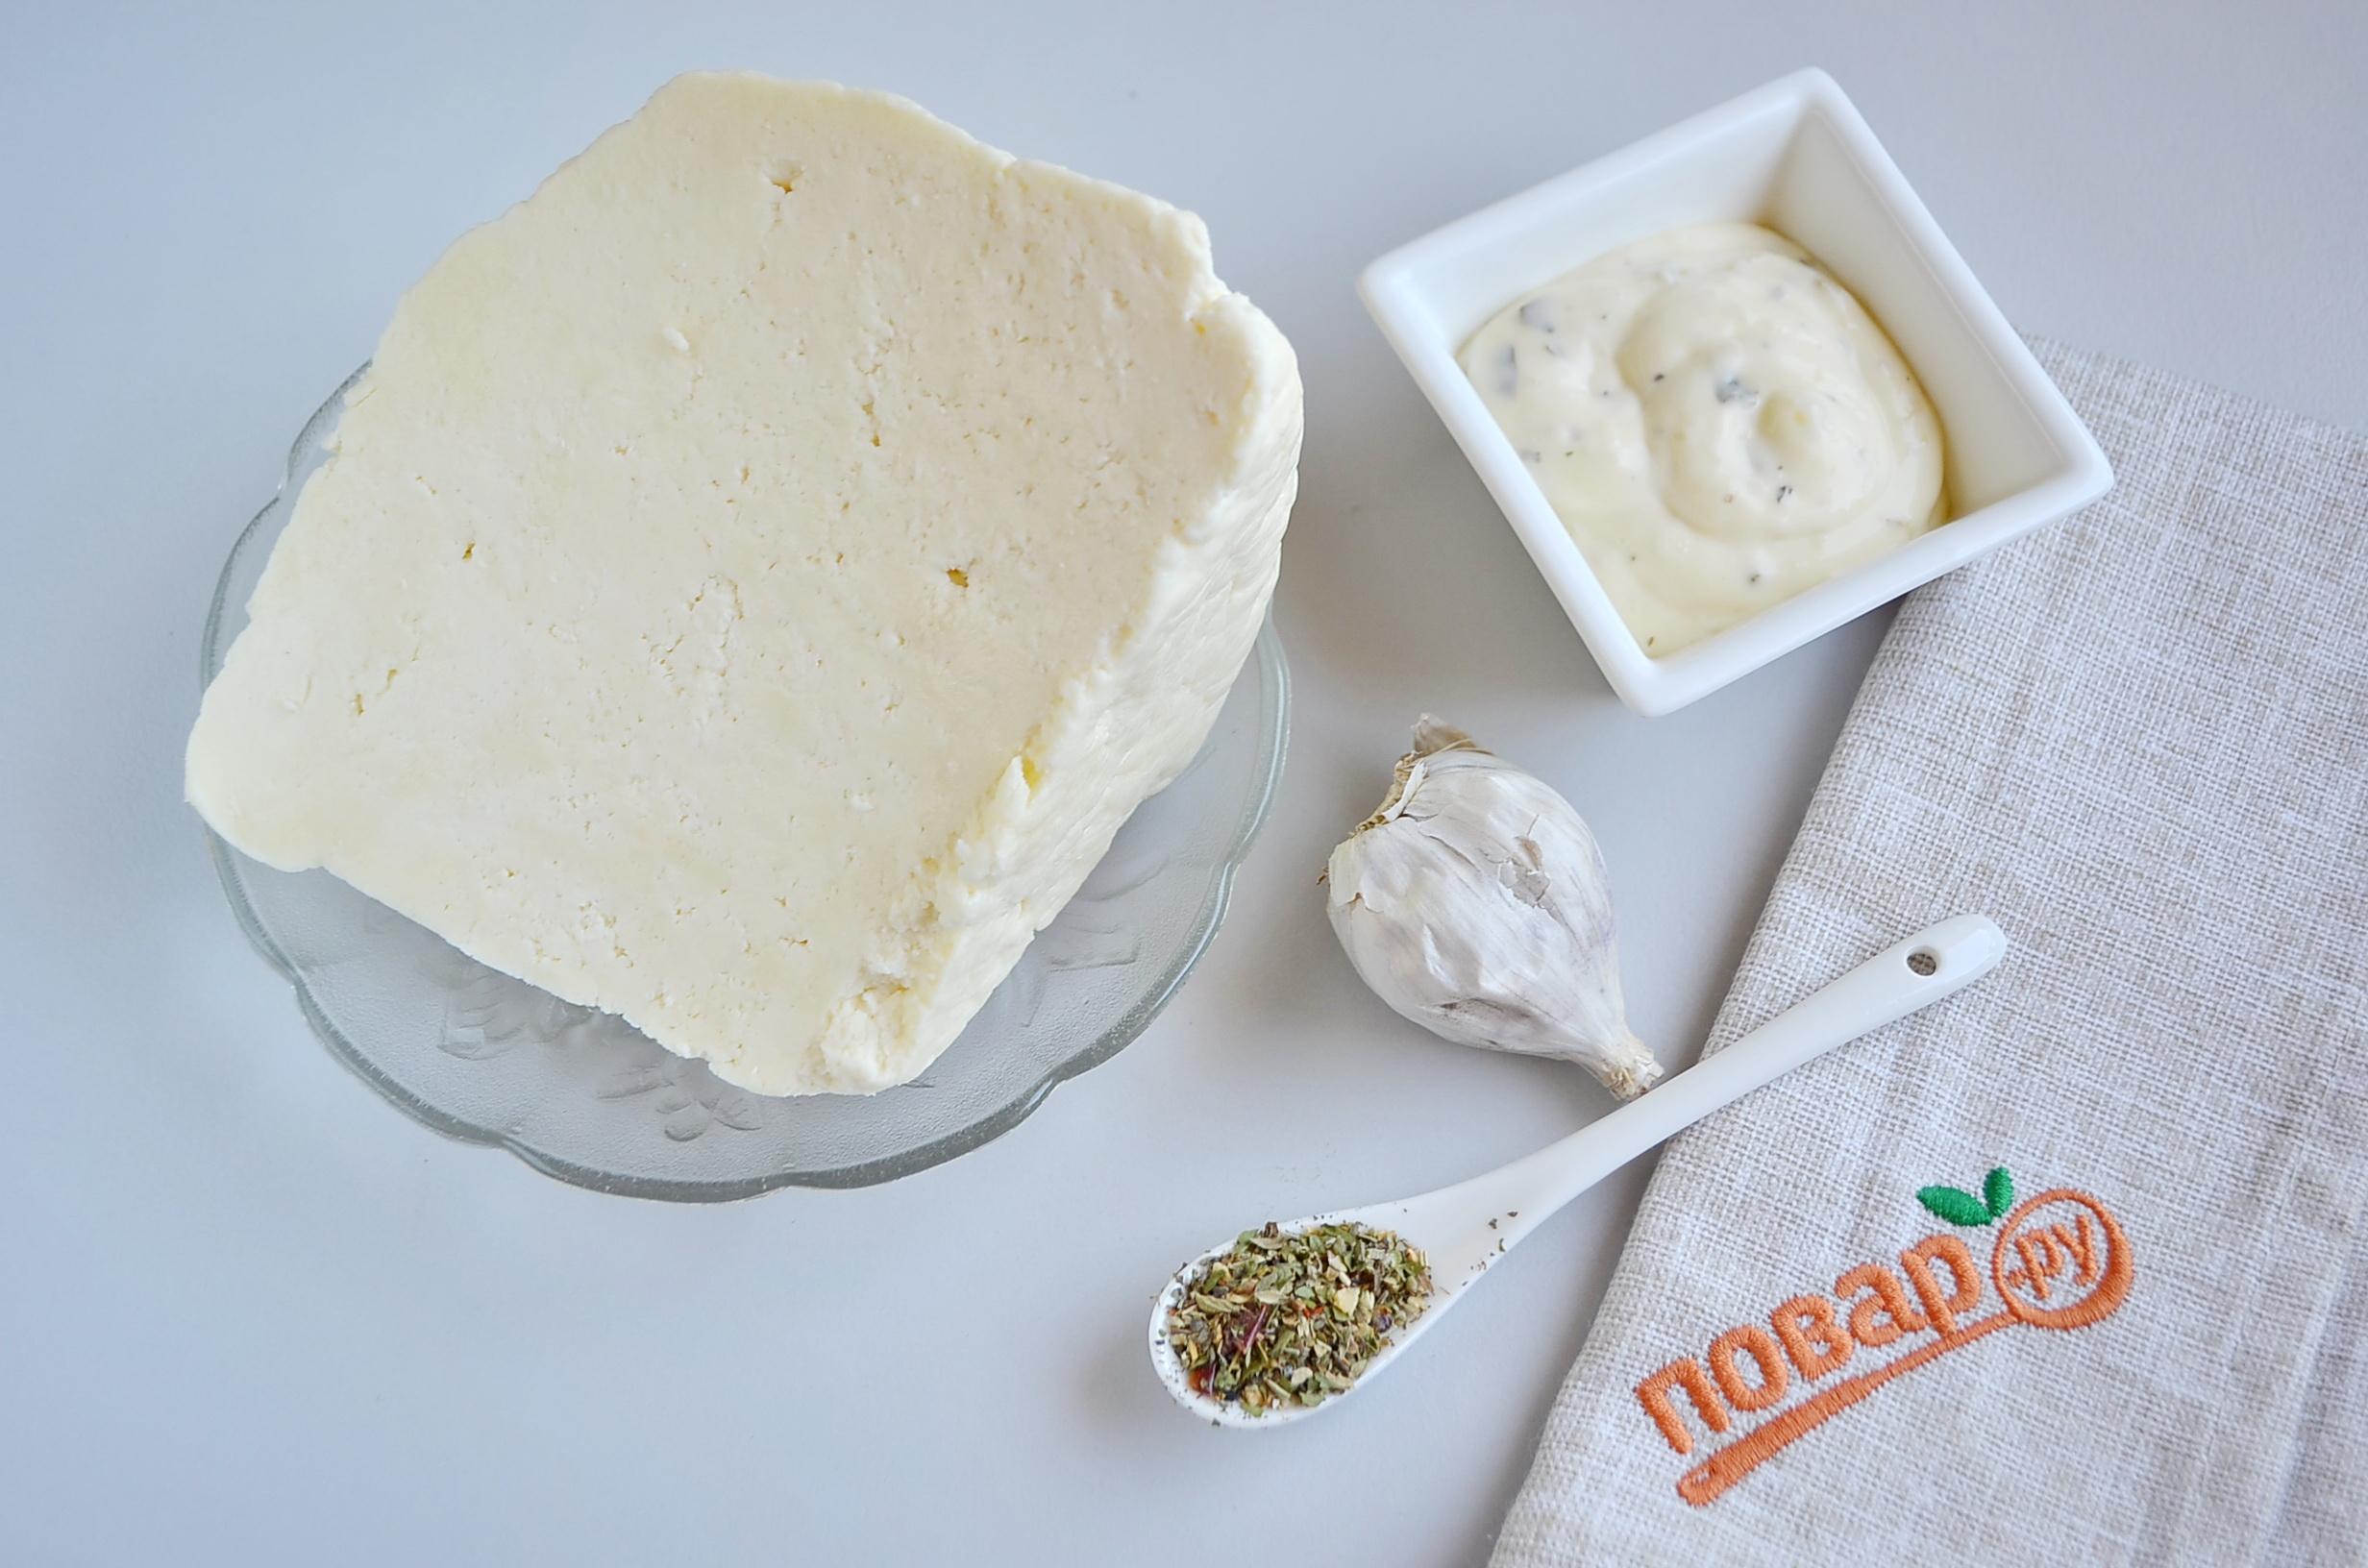 Сыр на мангале, шаг 1: подготовьте брынзу, специи